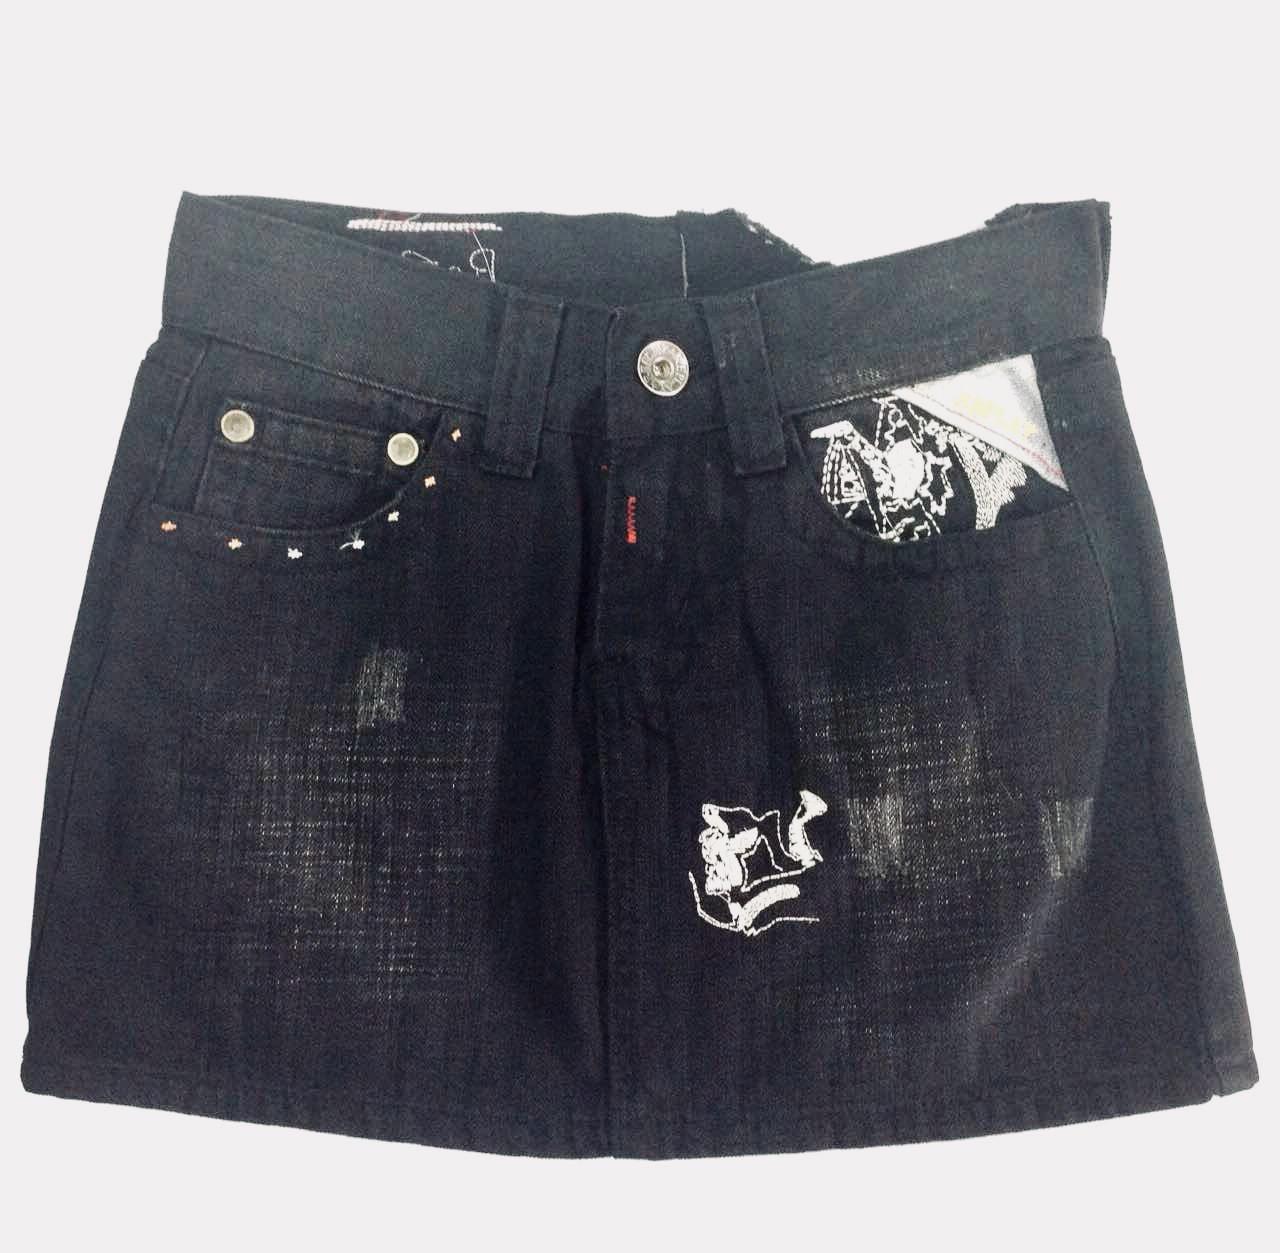 Юбка Replay джинсовая мини с вышивкой